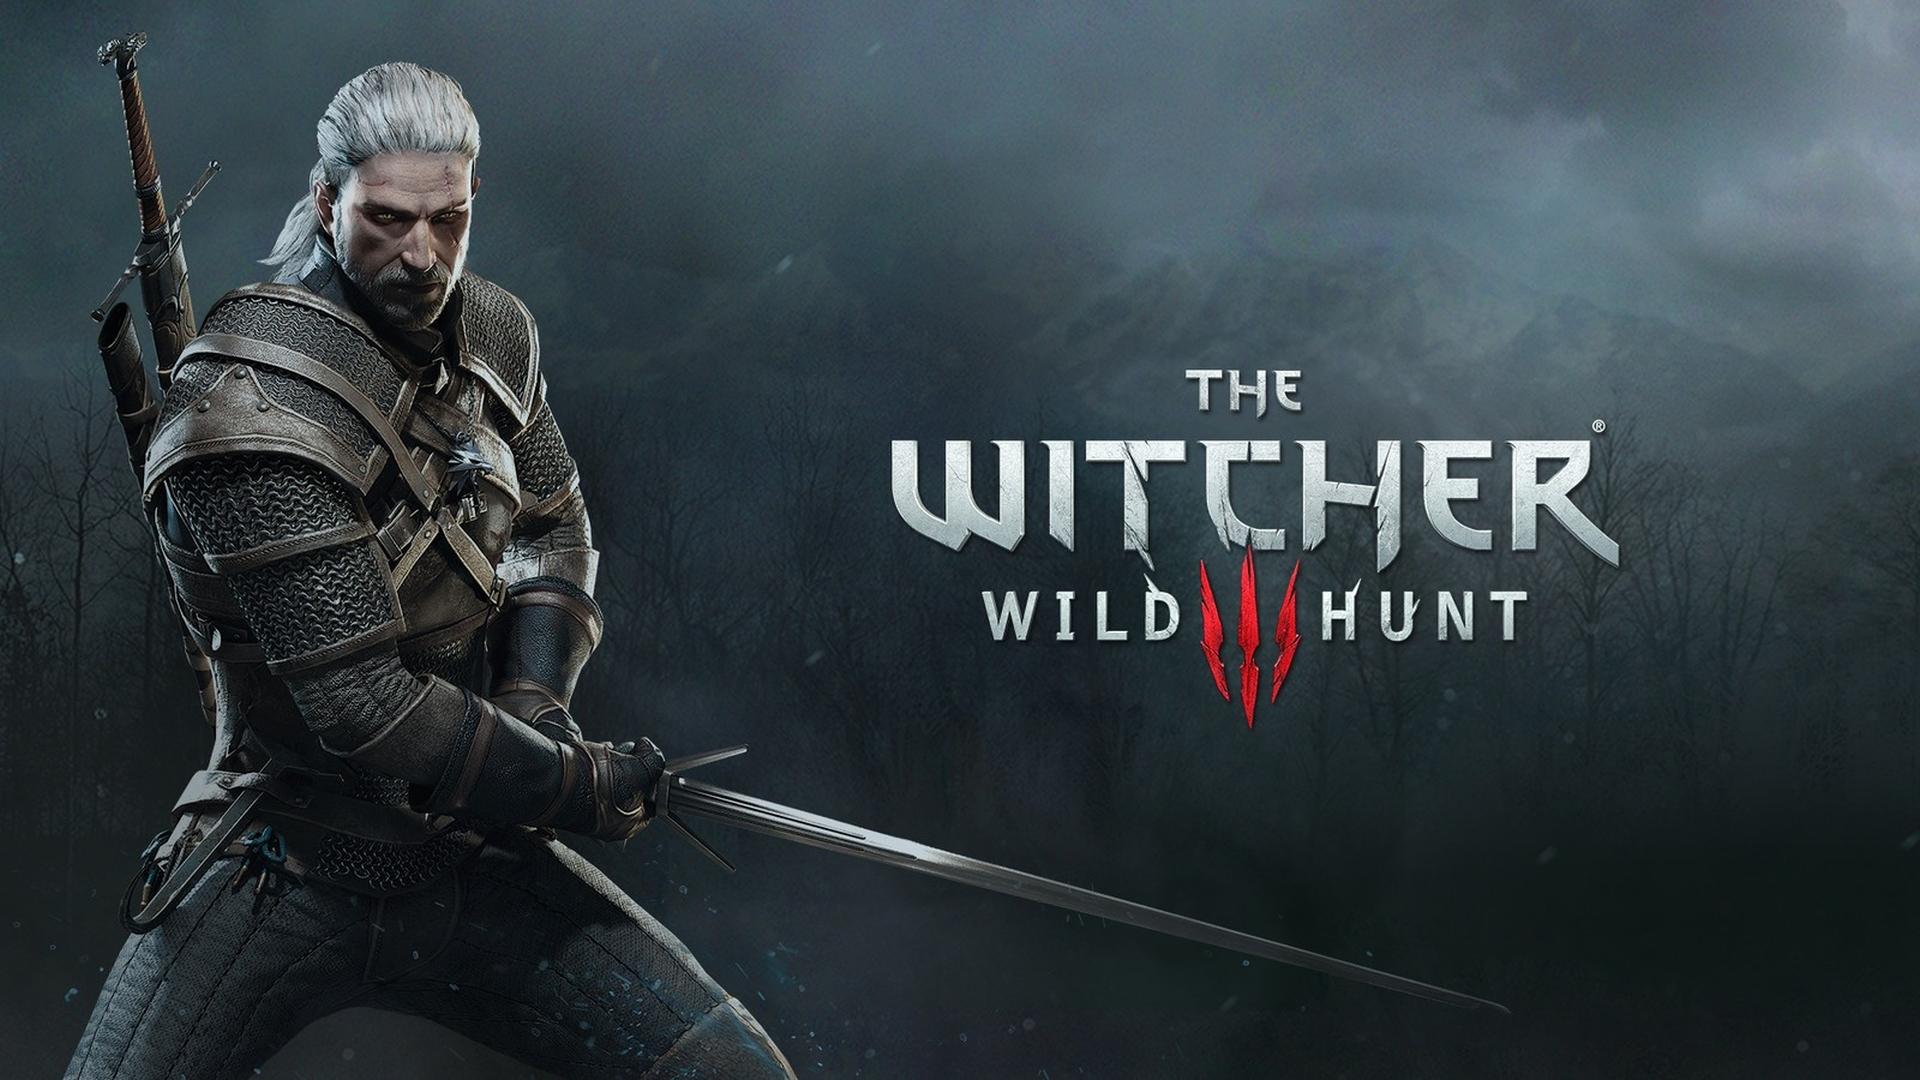 The-Witcher-3-Wild-Hunt-1_0.jpg